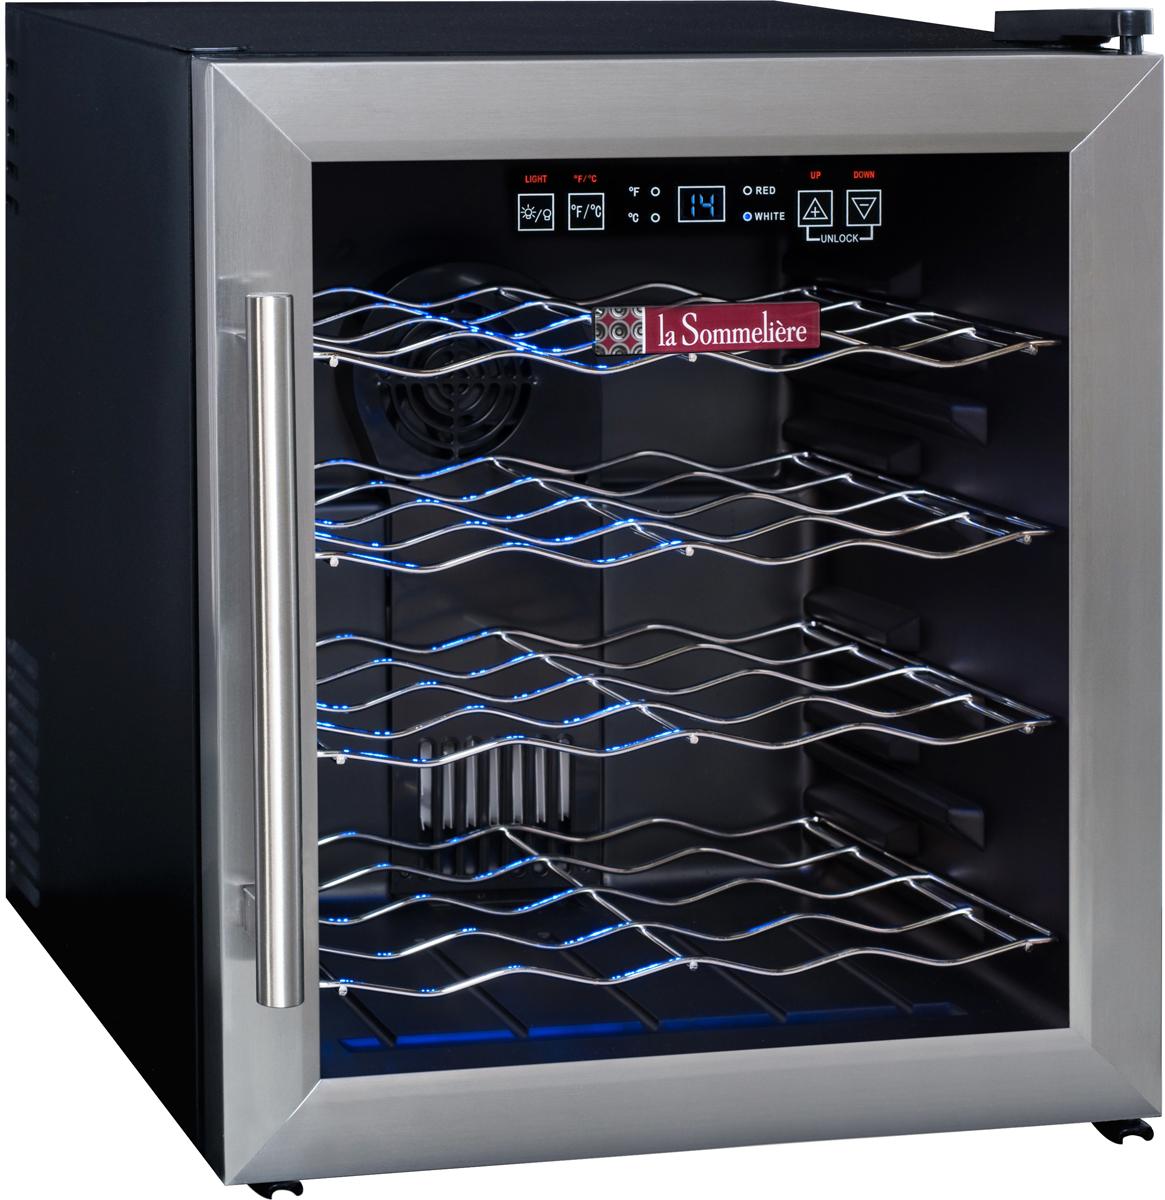 La Sommeliere LS16 винный шкаф - Холодильники и морозильные камеры